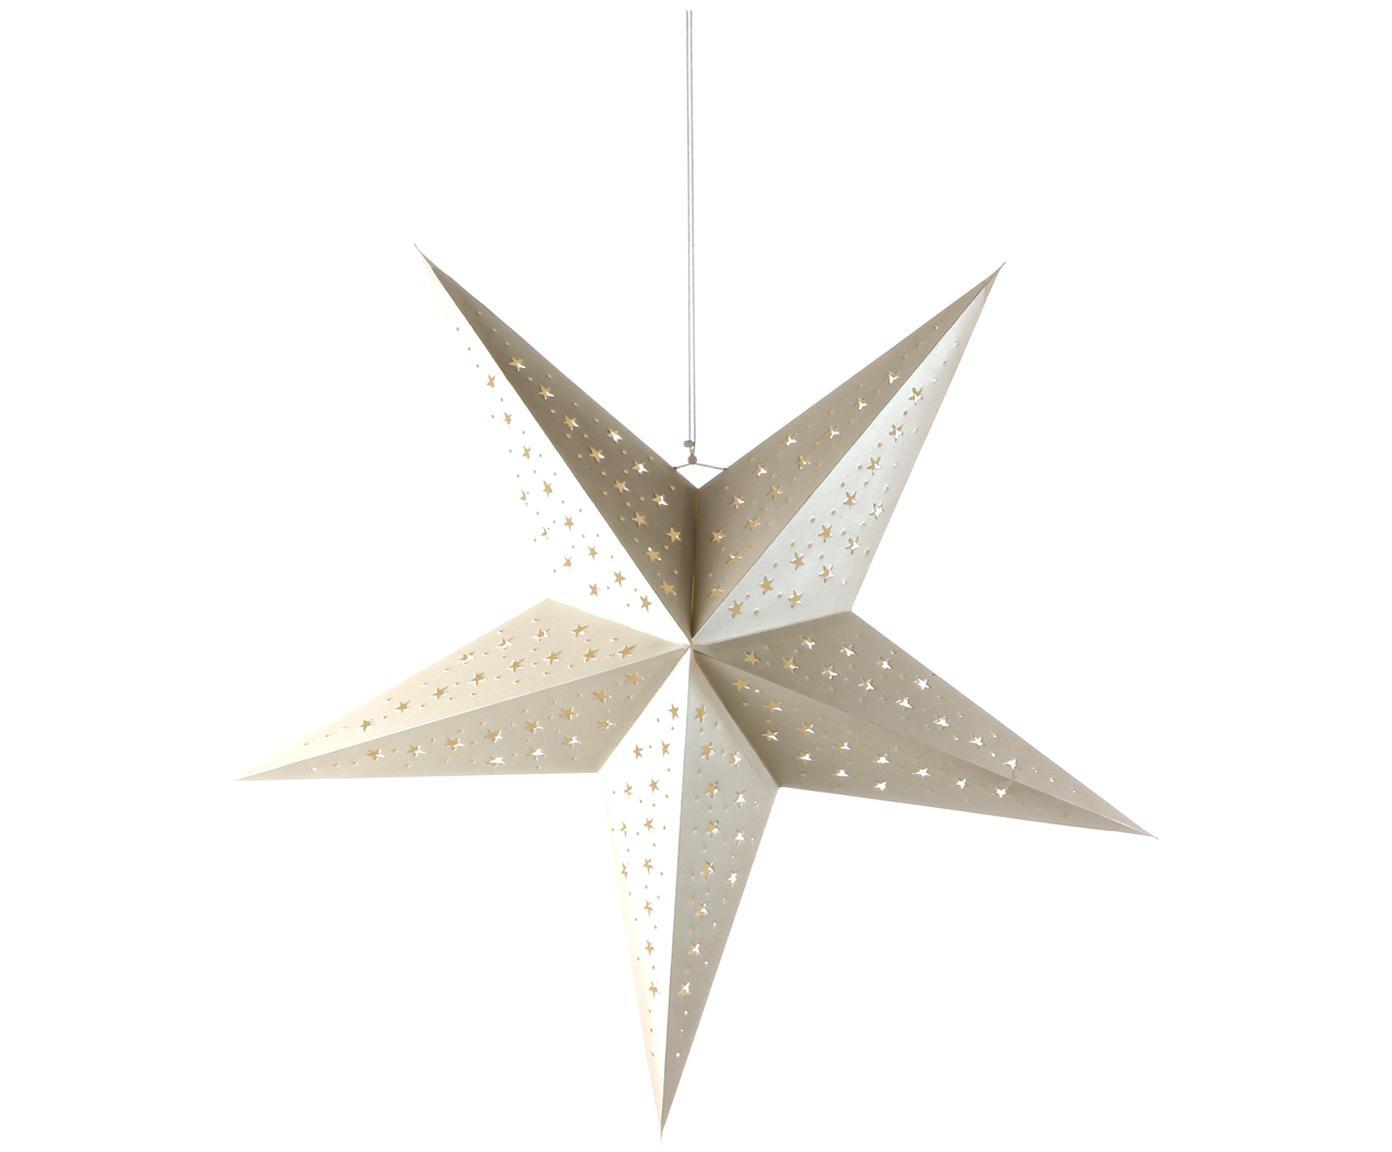 Kerstster Esther, Papier, Wit met glitters, 75 x 75 cm